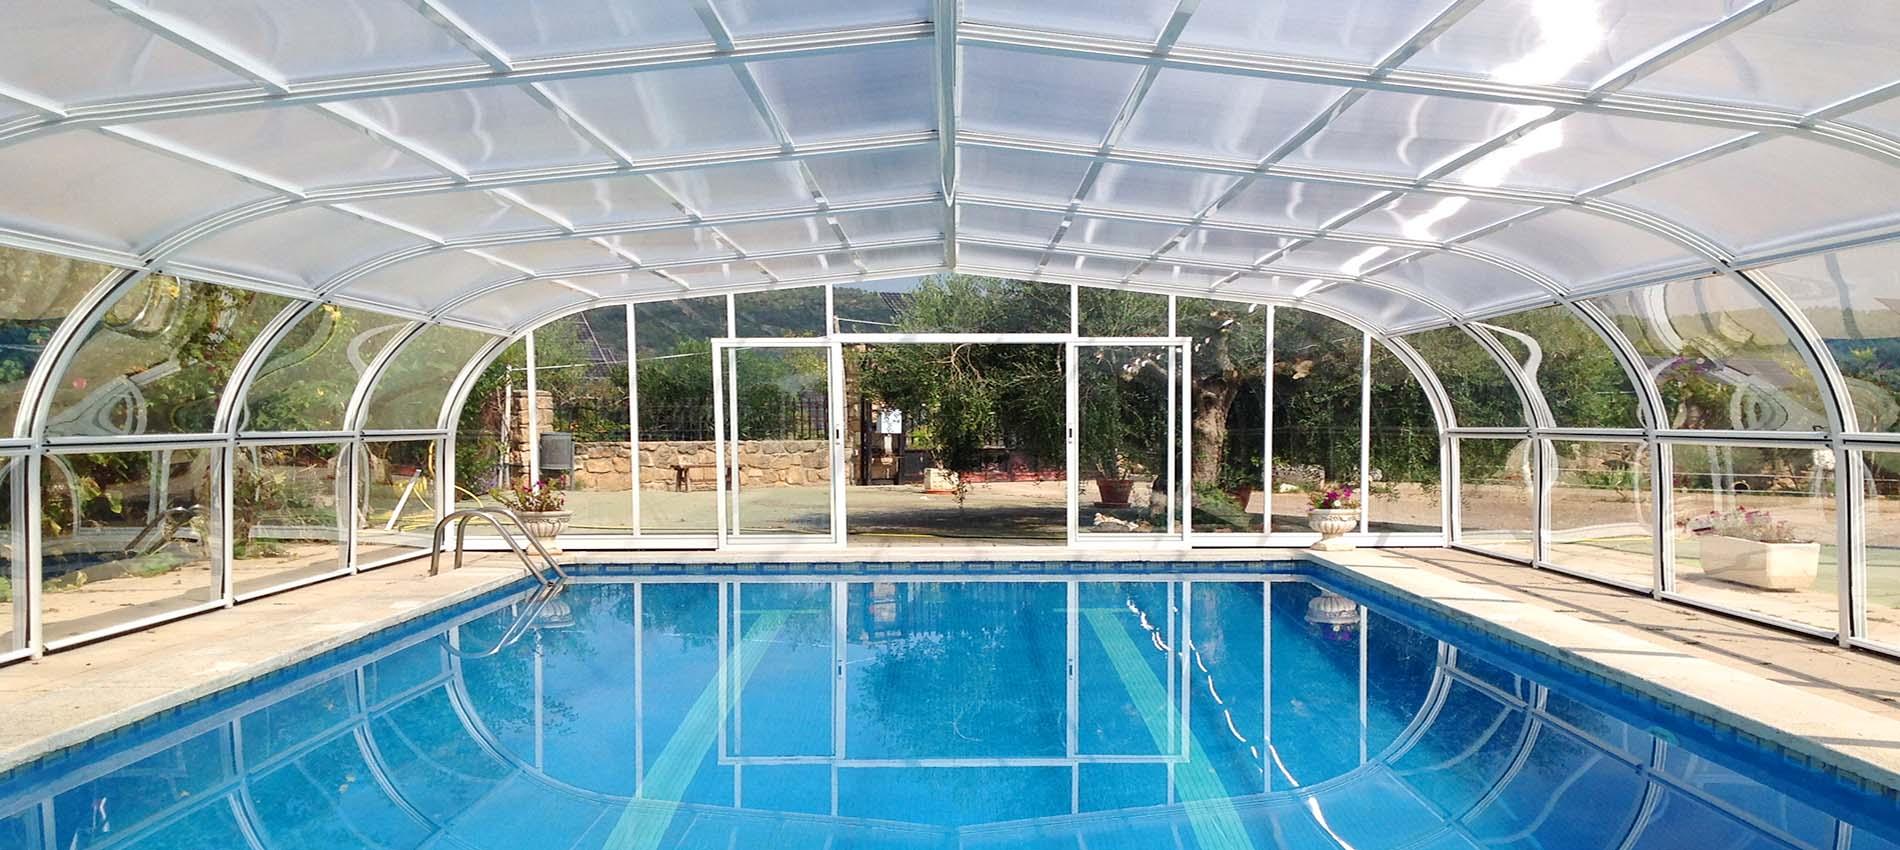 Cubierta de piscinas precios affordable ideas parecidas Cubierta piscina precio